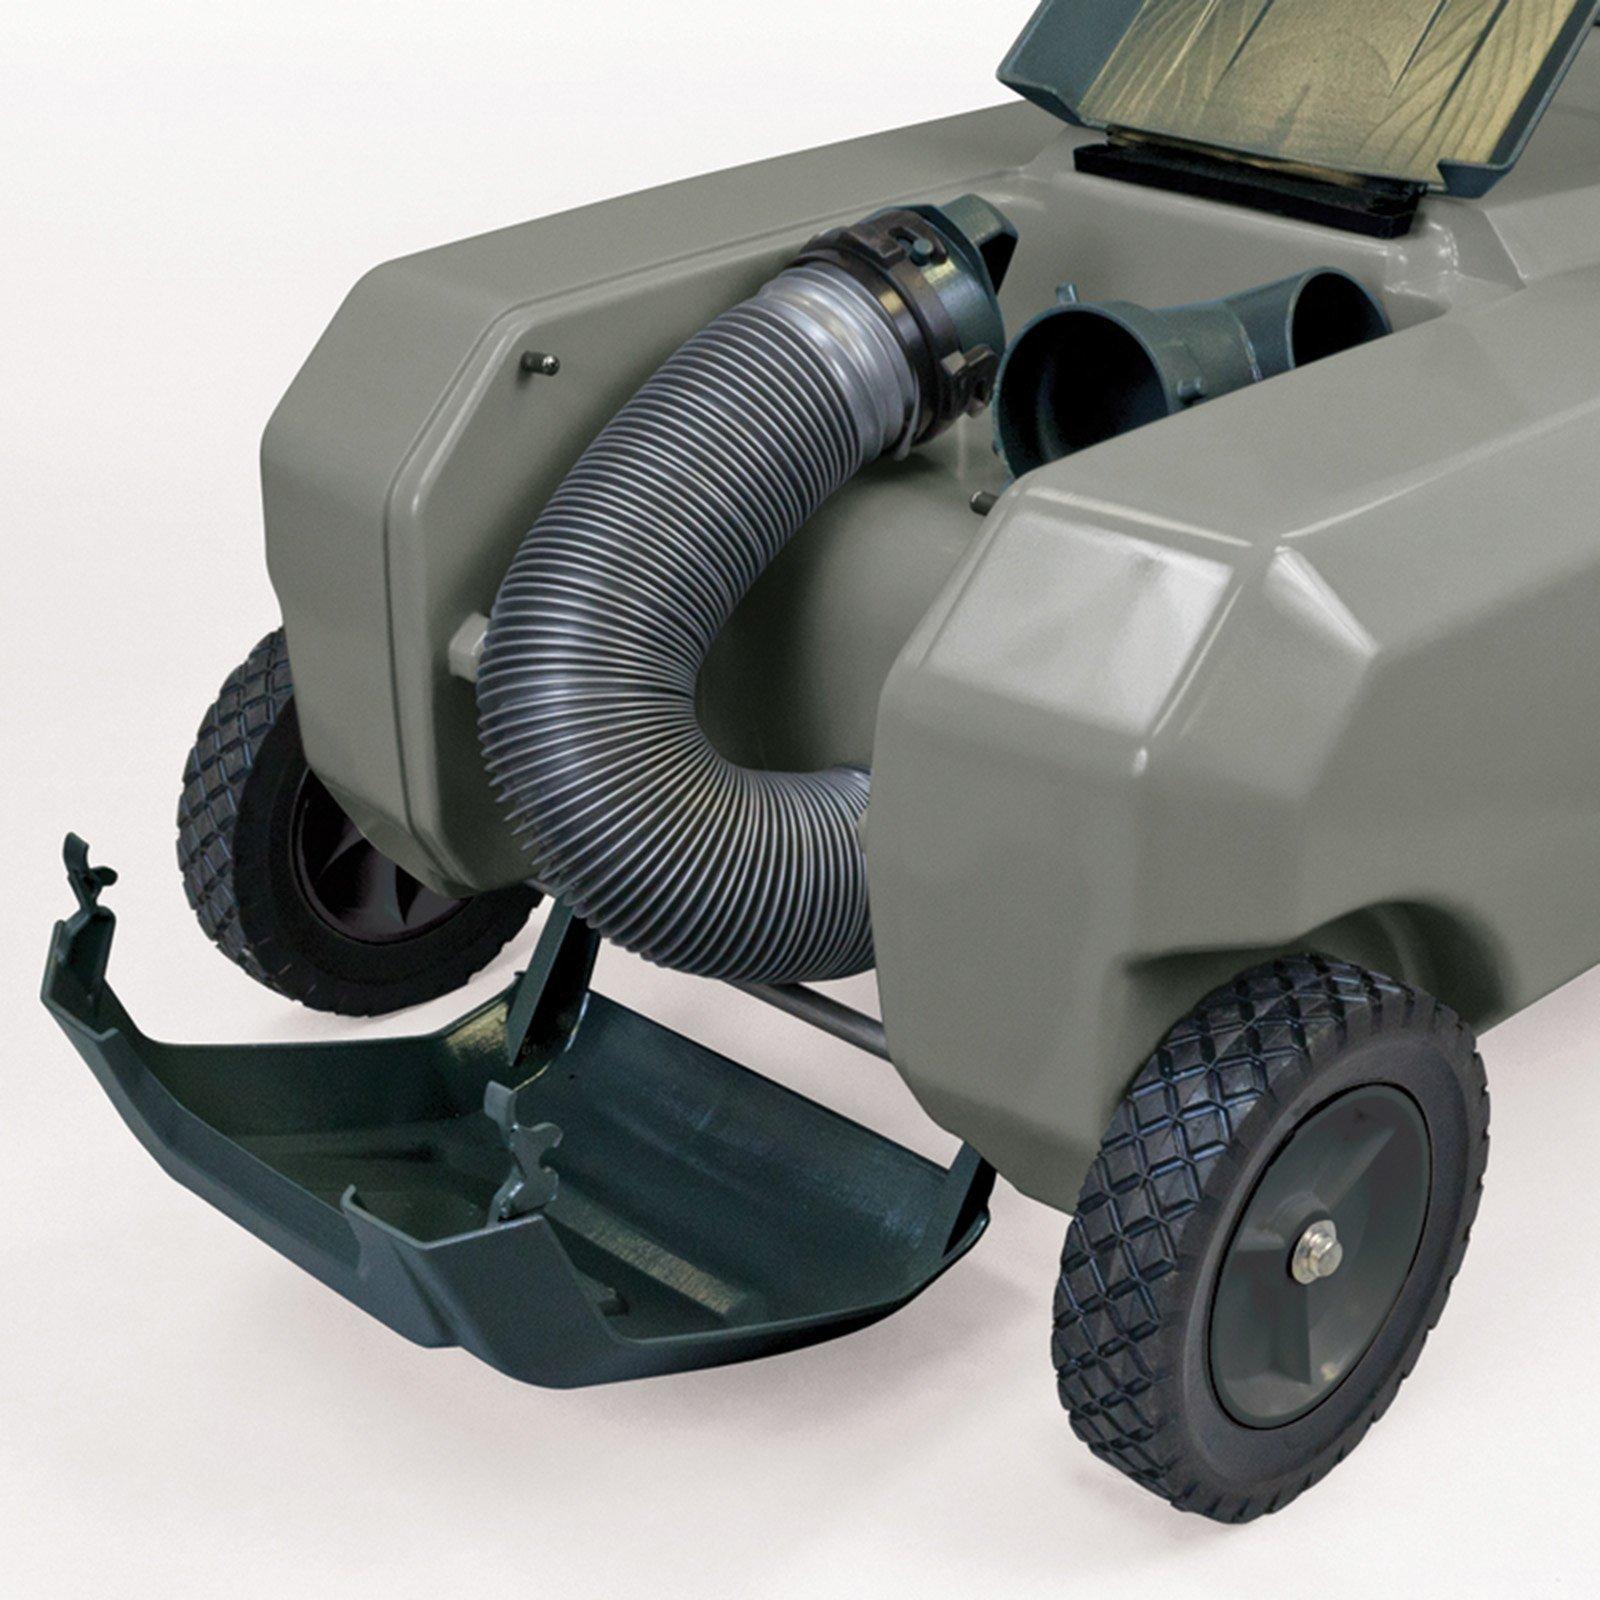 SmartTote2 RV Portable Waste Tote Tank - 4 Wheels - 35 Gallon - Thetford 40519 by SmartTote2 (Image #3)